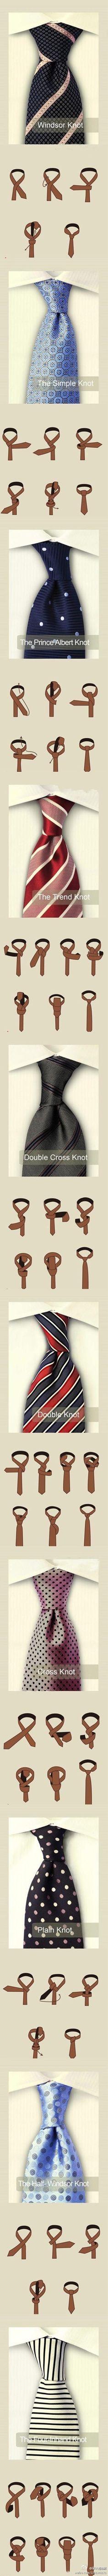 fyi How to tie a tie